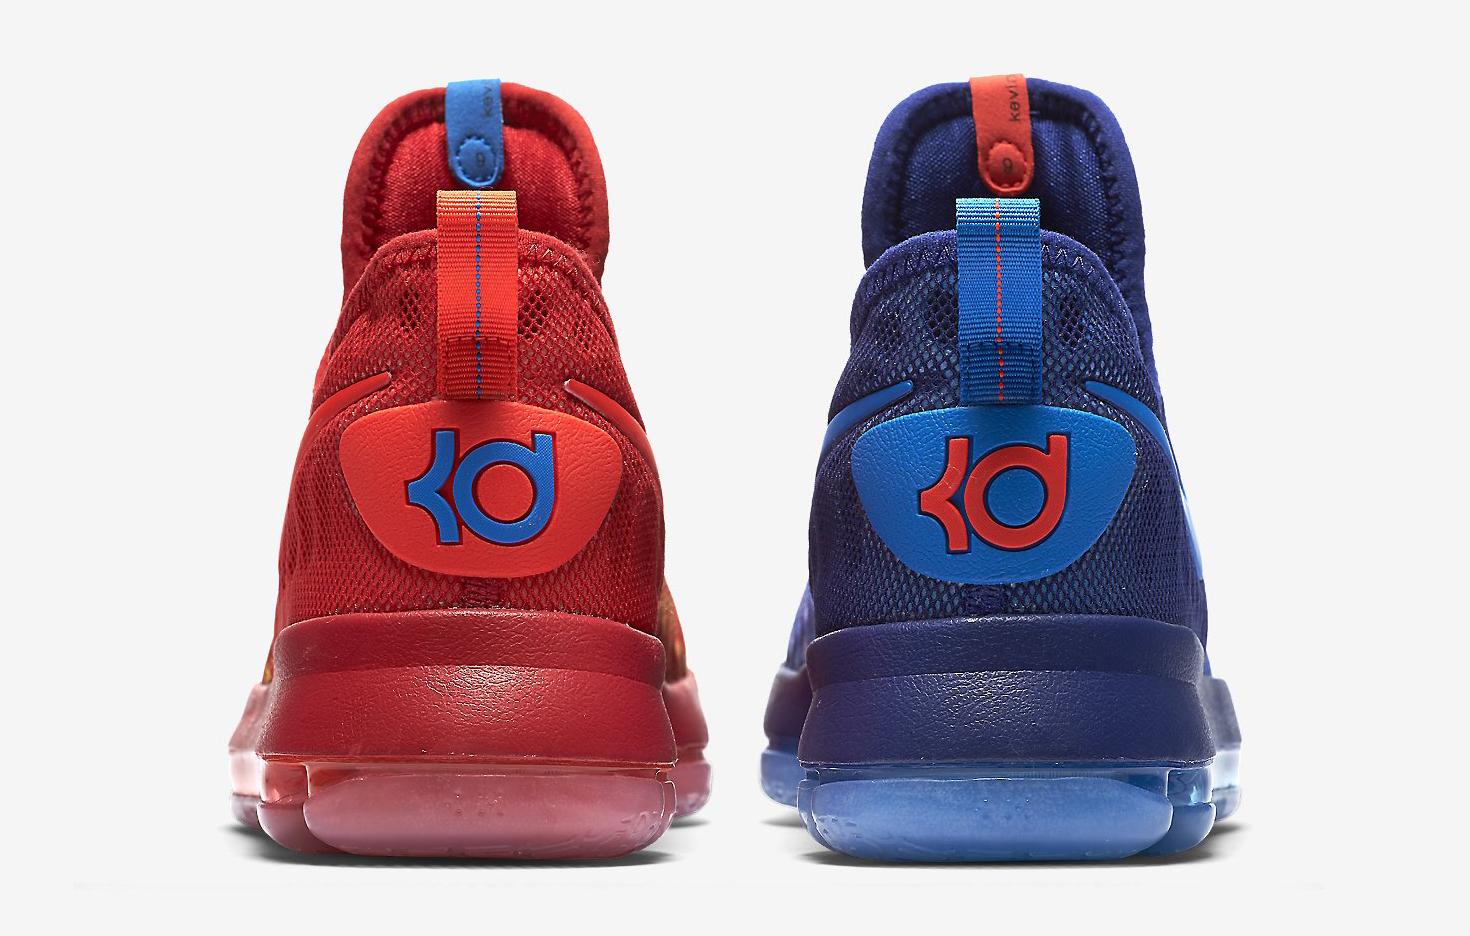 c8bbaec744a Image via Nike Nike KD 9 Fire Ice 855908-400 Heel